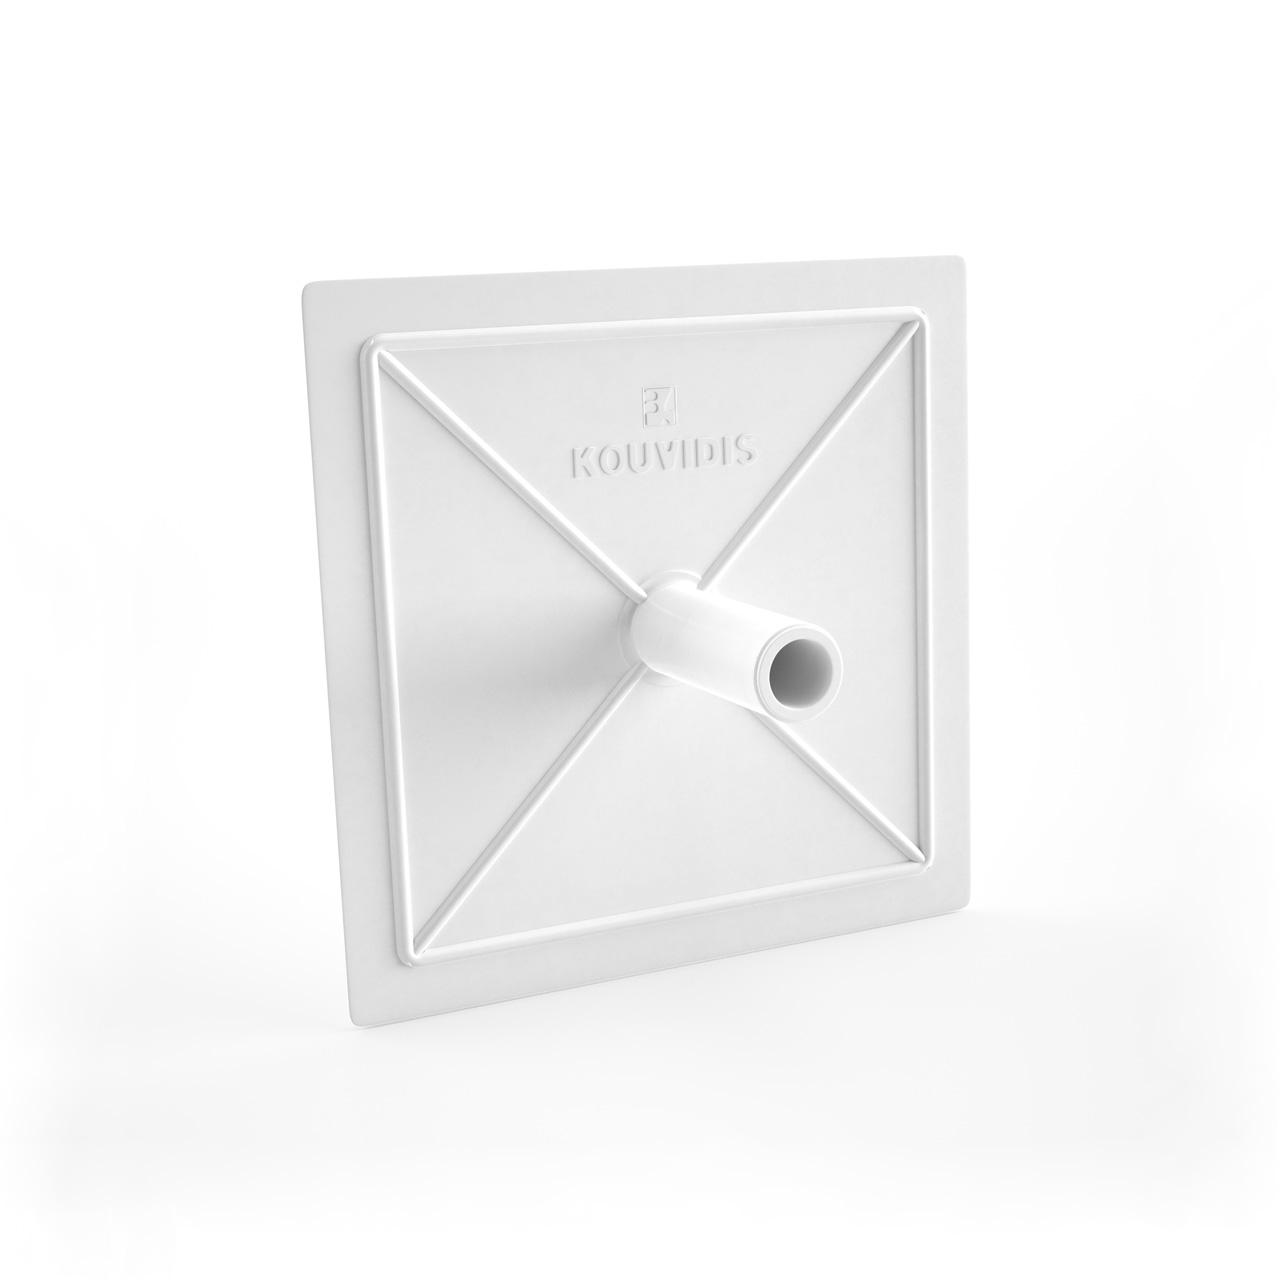 Καπάκι Τετράγωνο 7.5X7.5